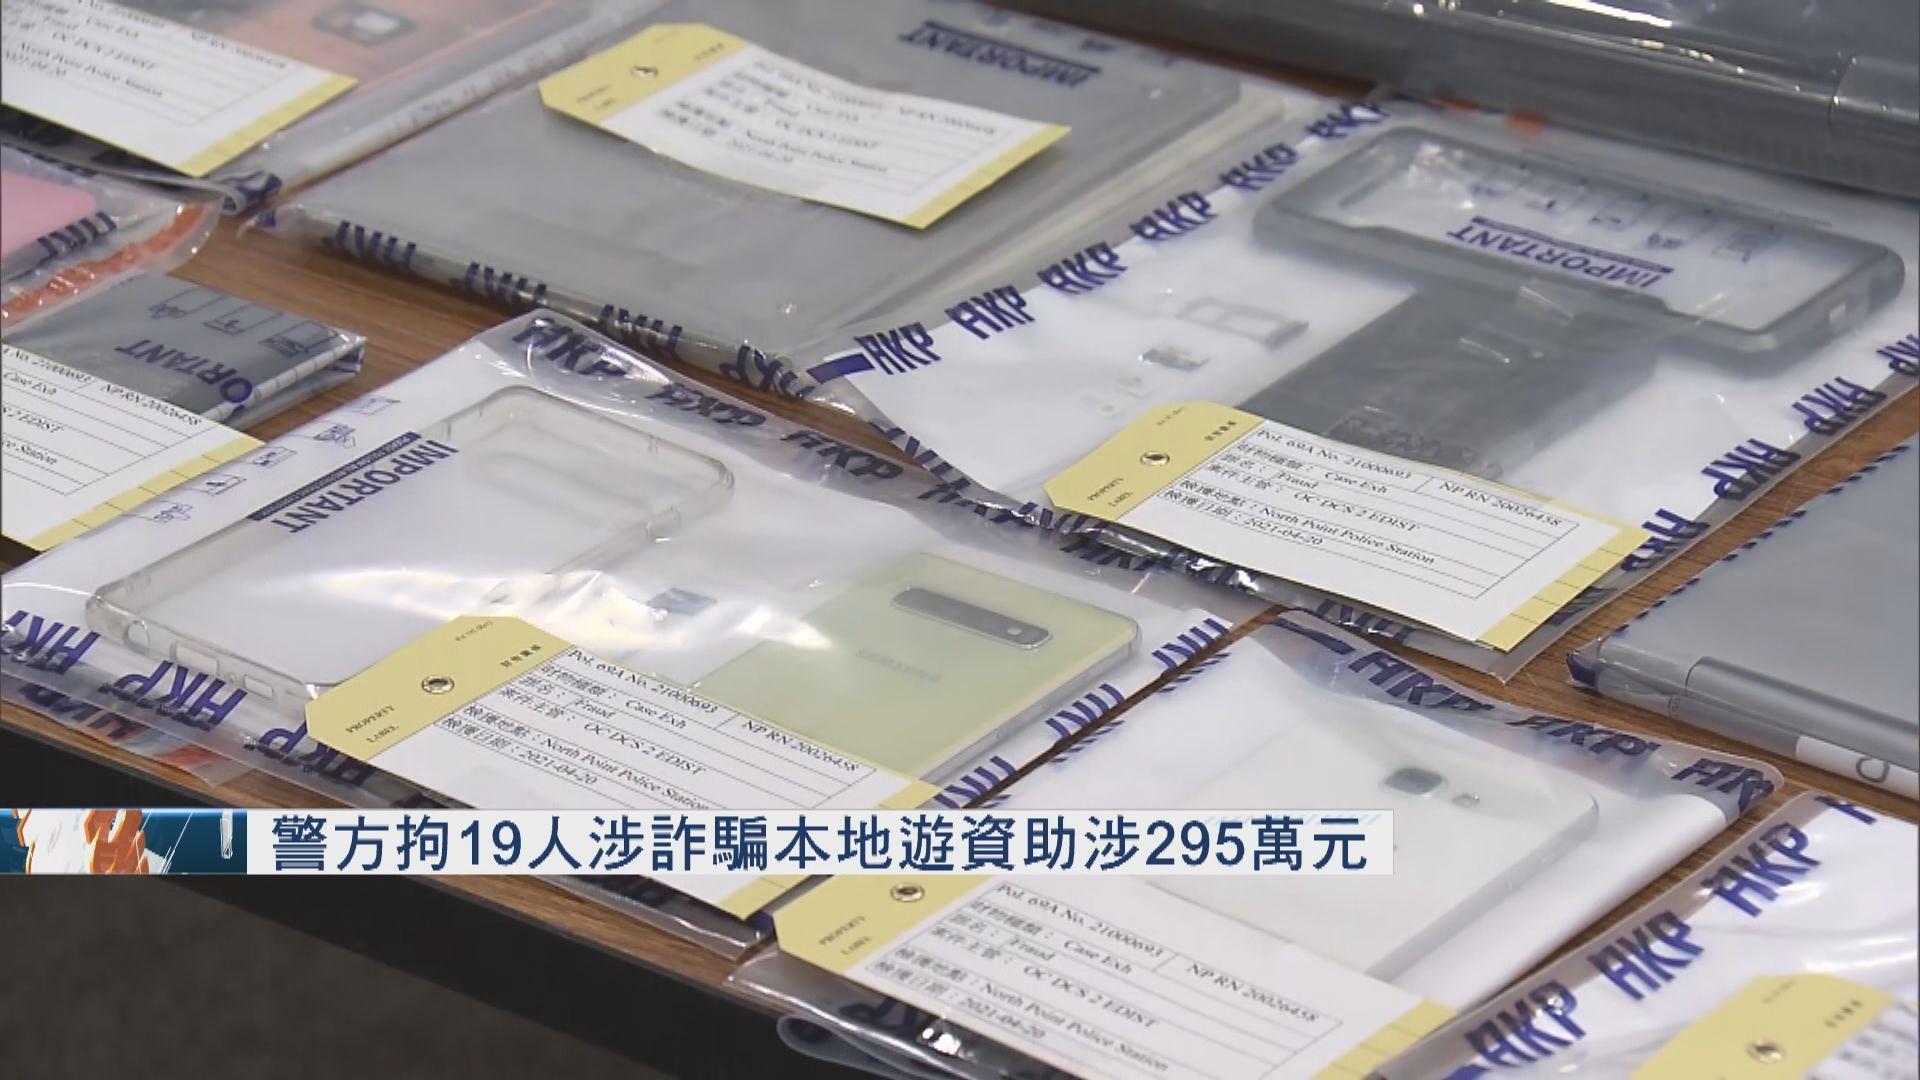 19人涉詐騙本地遊資助被捕 警方調查是否有人操縱